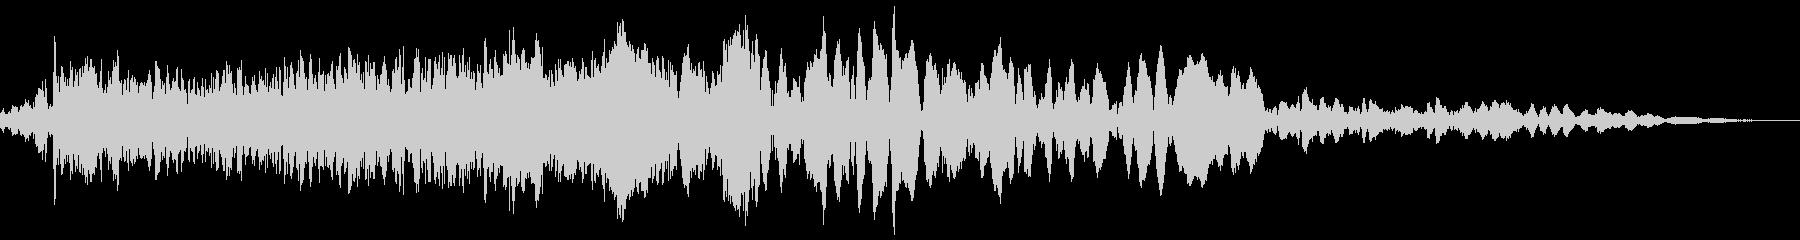 車 レース ブレーキ/タイヤスキール音3の未再生の波形